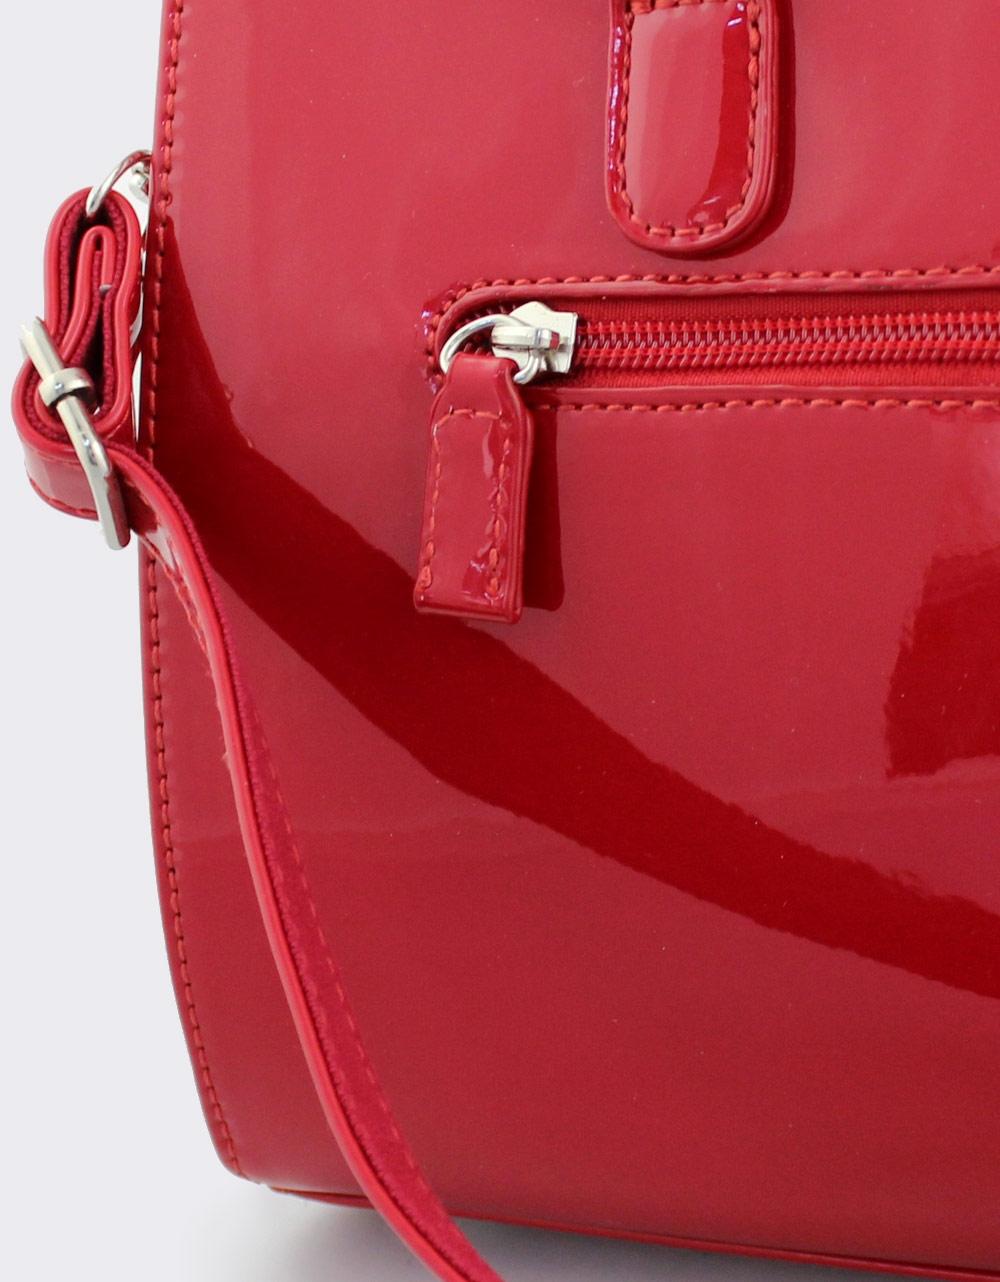 Εικόνα από Γυναικείες τσάντες χειρός λουστρίνι Κόκκινο